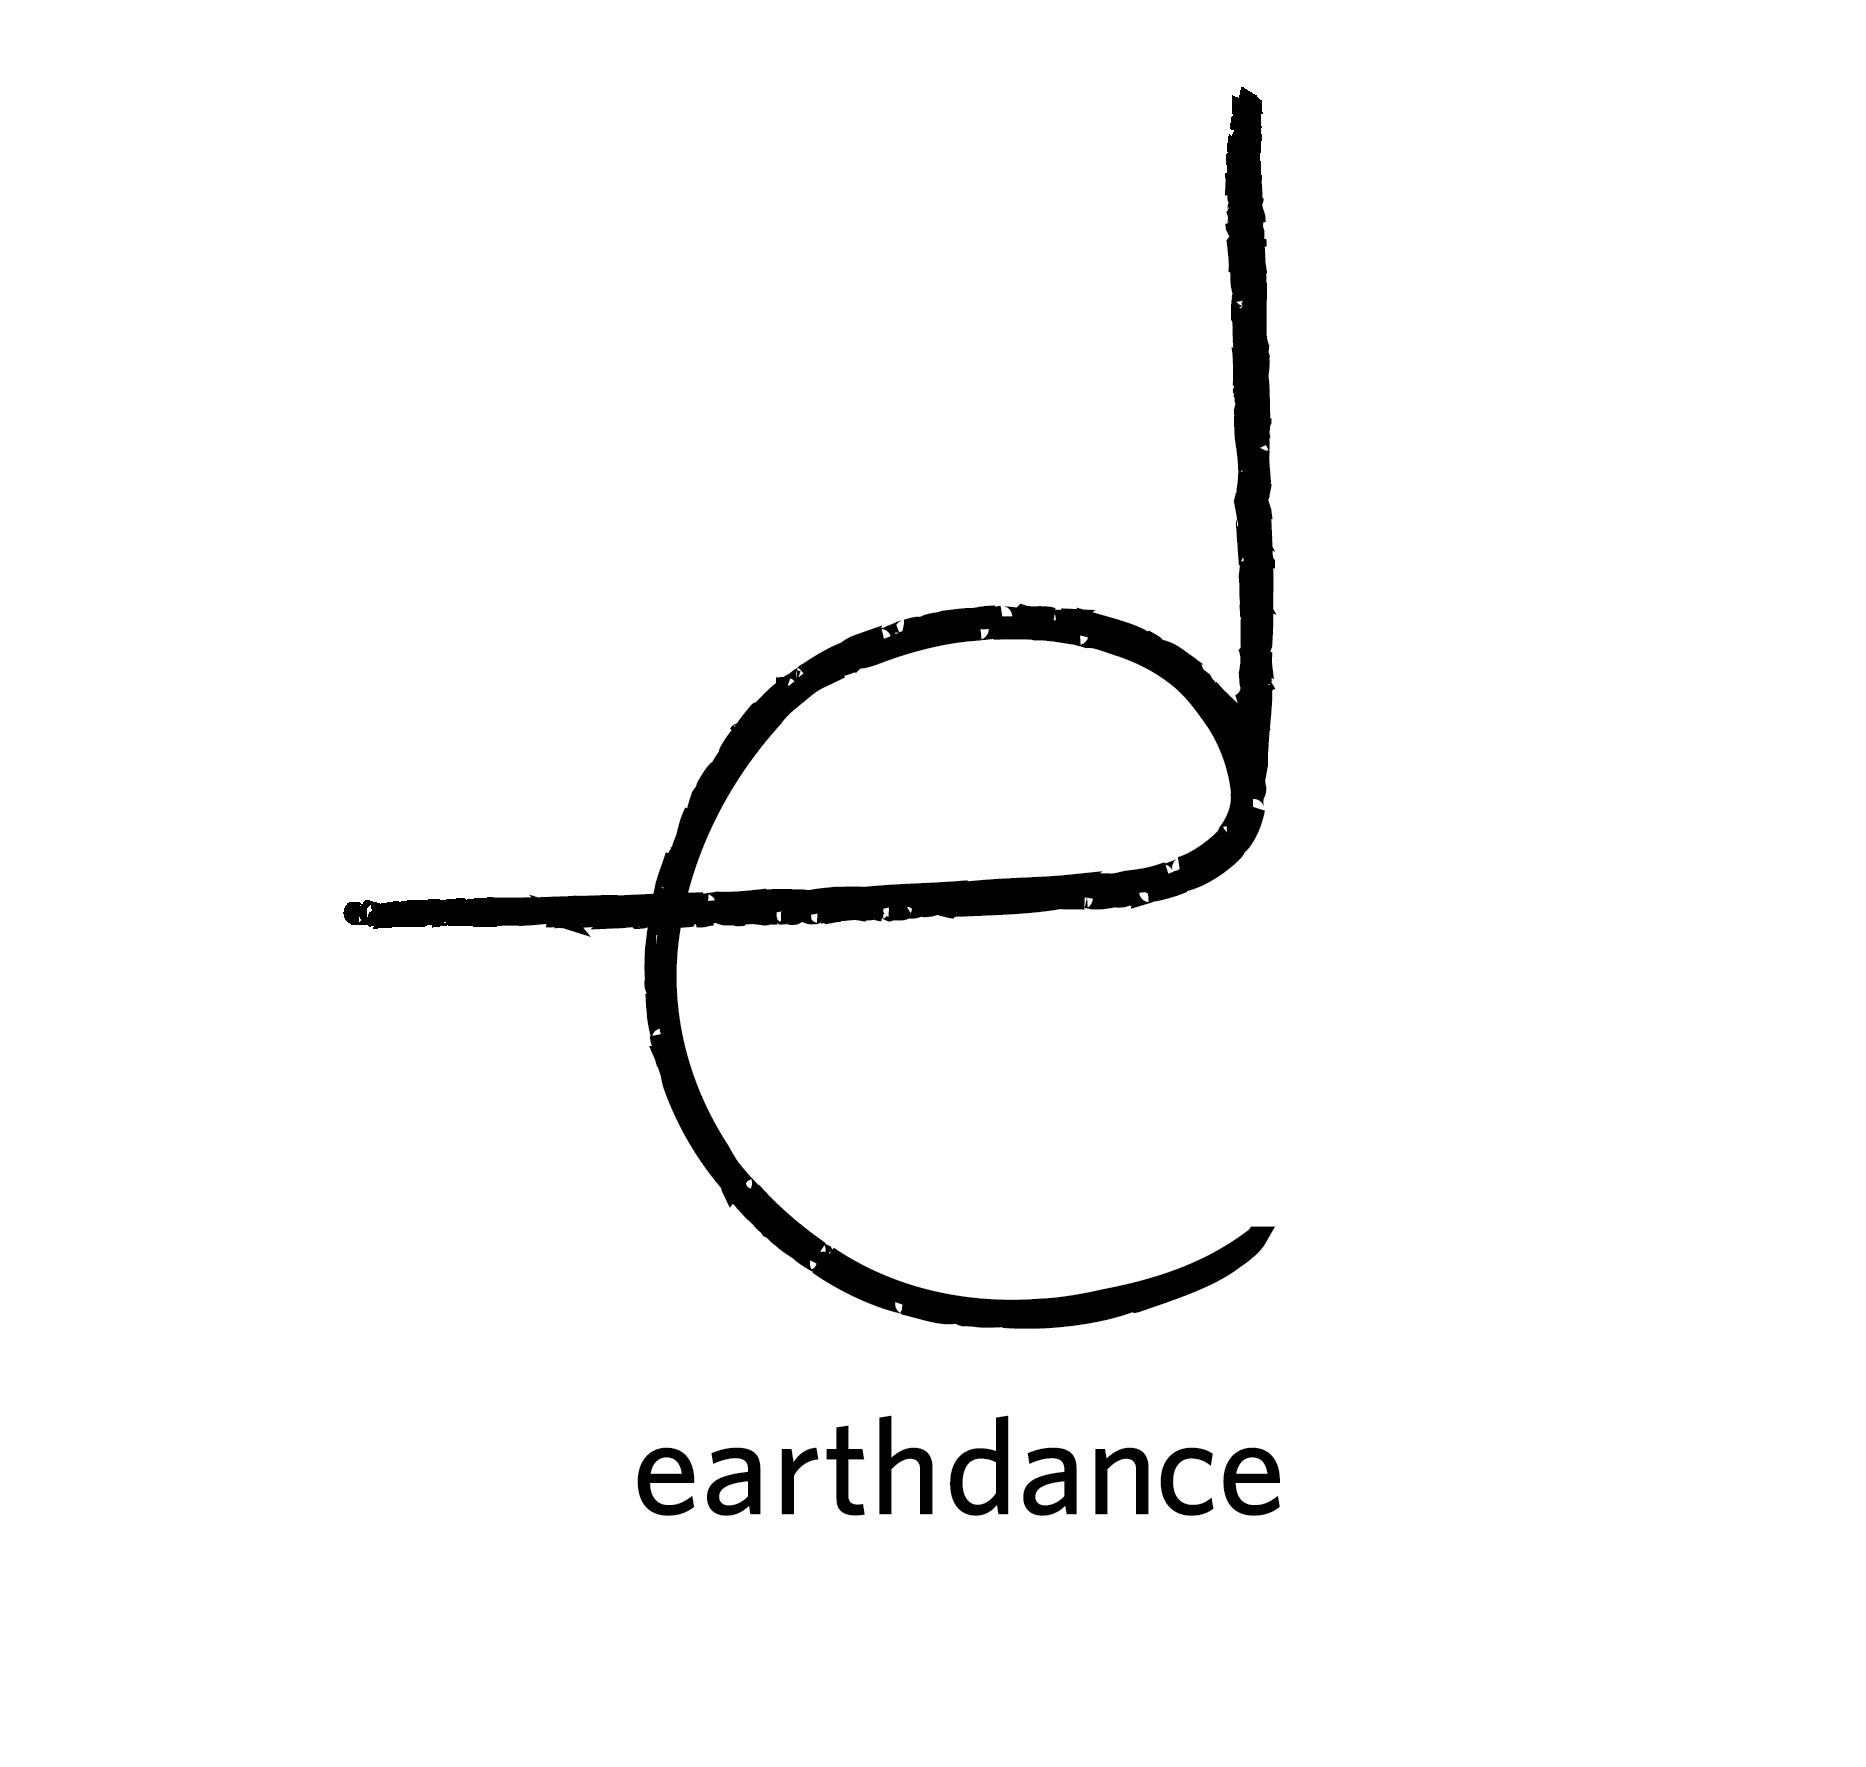 ed-logo-white-on-black-02.png